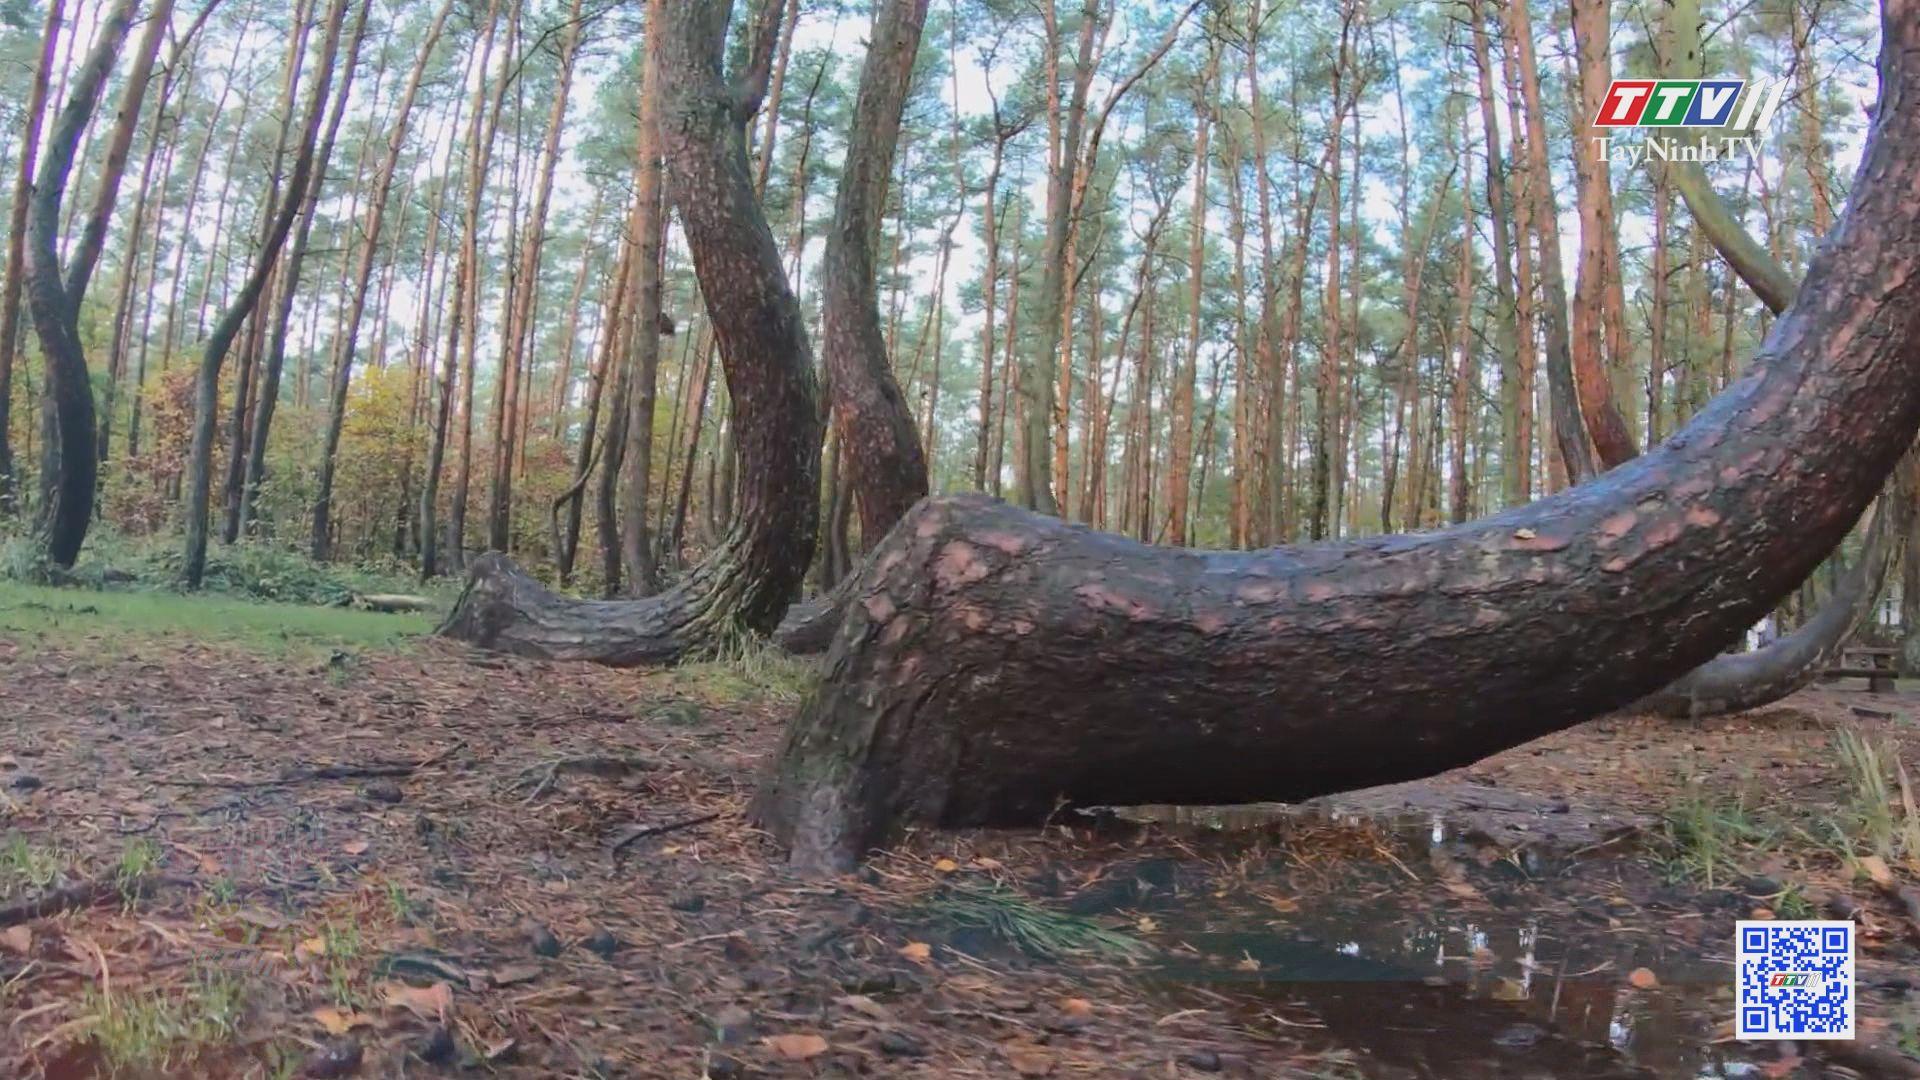 Cánh rừng Tre thần thoại ở Nhật Bản | CHUYỆN ĐÔNG TÂY KỲ THÚ | TayNinhTV